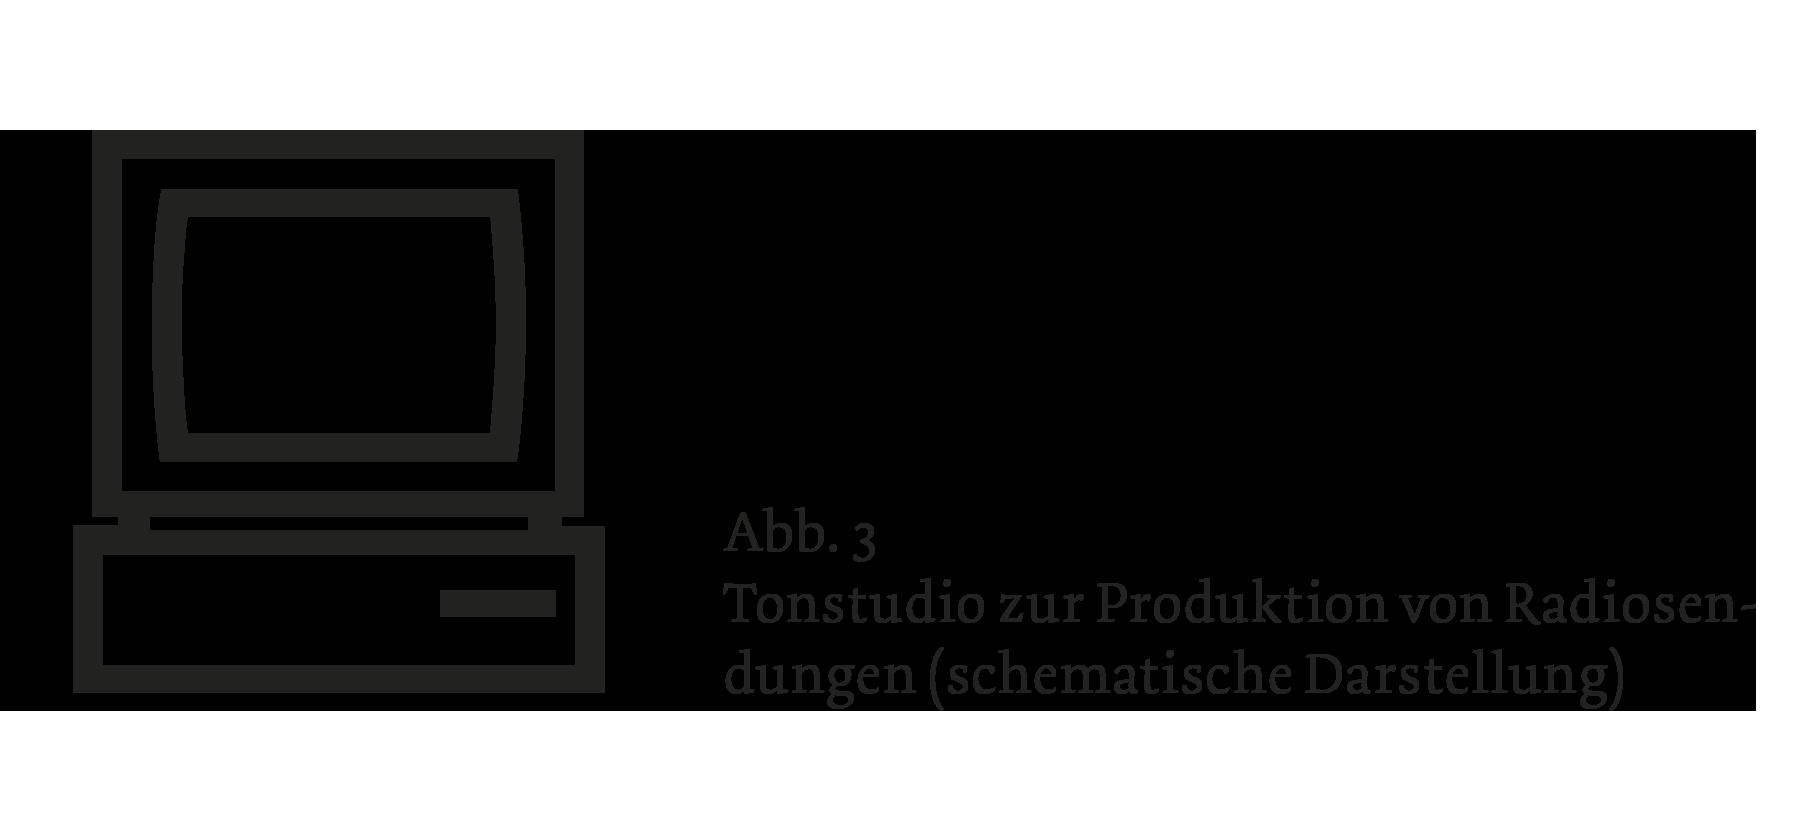 Das Bild zeigt ein standardisiertes Icon für einen Desktop-Computer mit dem zusätzlichen Text:  Abb.3 Tonstudio zur Produktion von Radiosendungen (schematische Darstellung)